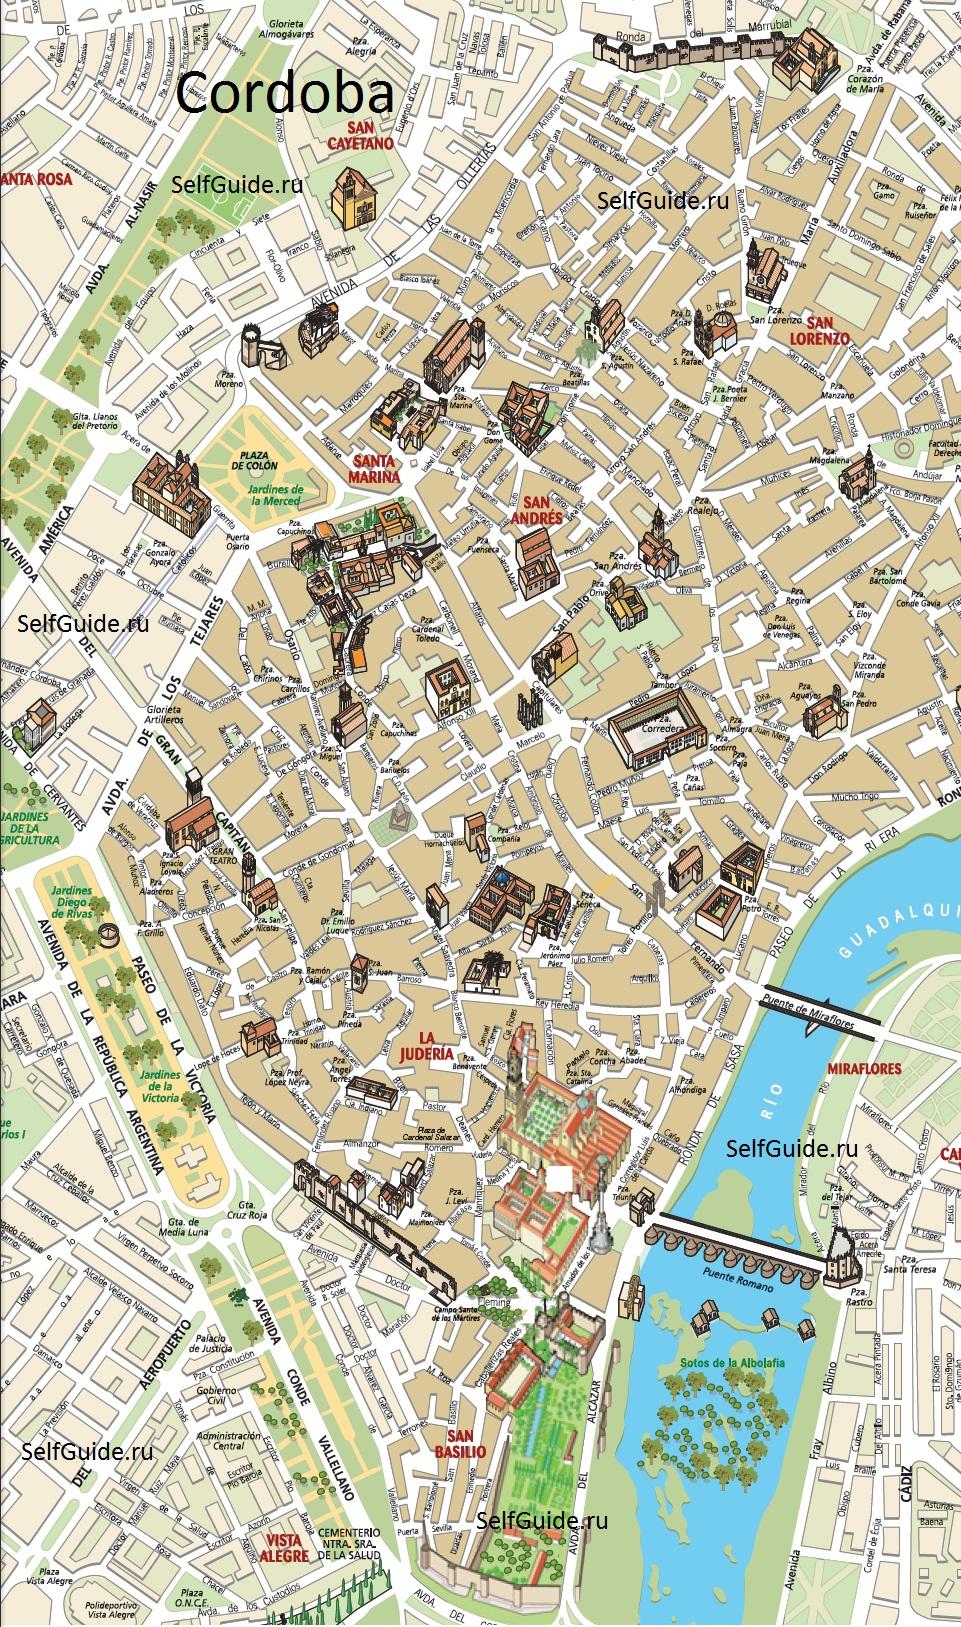 Туристическая карта КОрдовы с отмеченными достопримечательностями